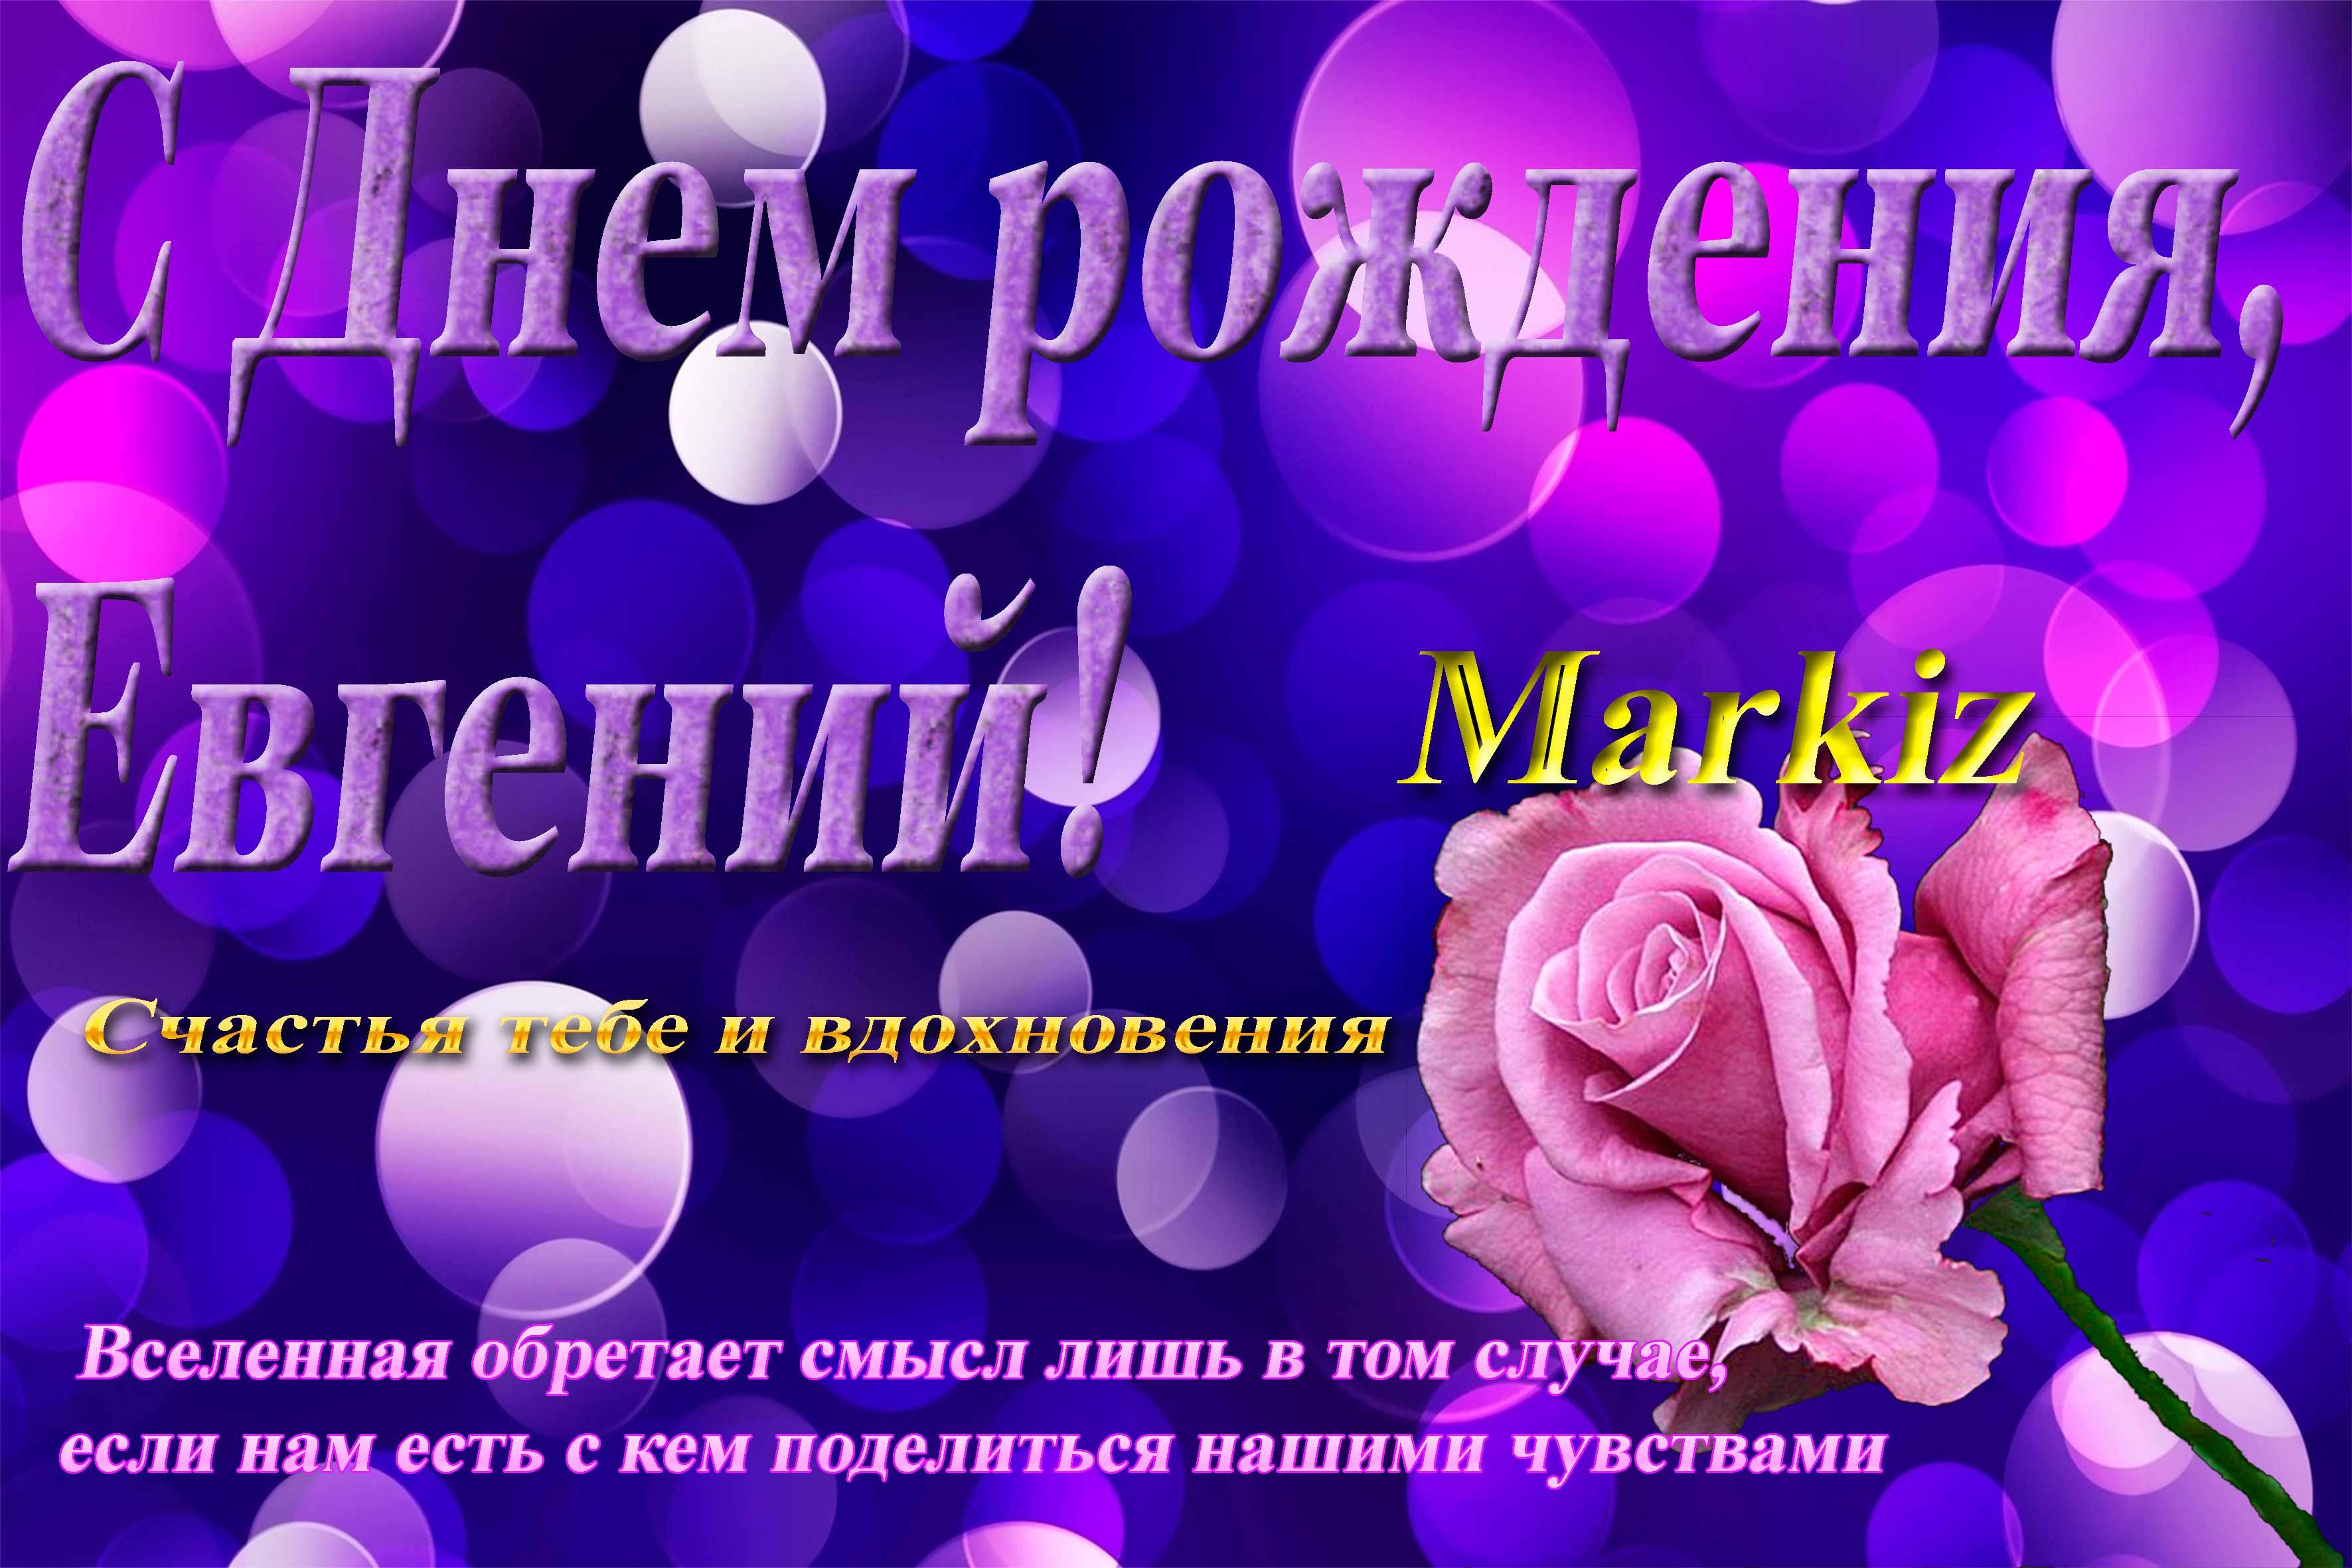 http://s8.hostingkartinok.com/uploads/images/2017/01/5efeac822271443f43613413357452db.jpg